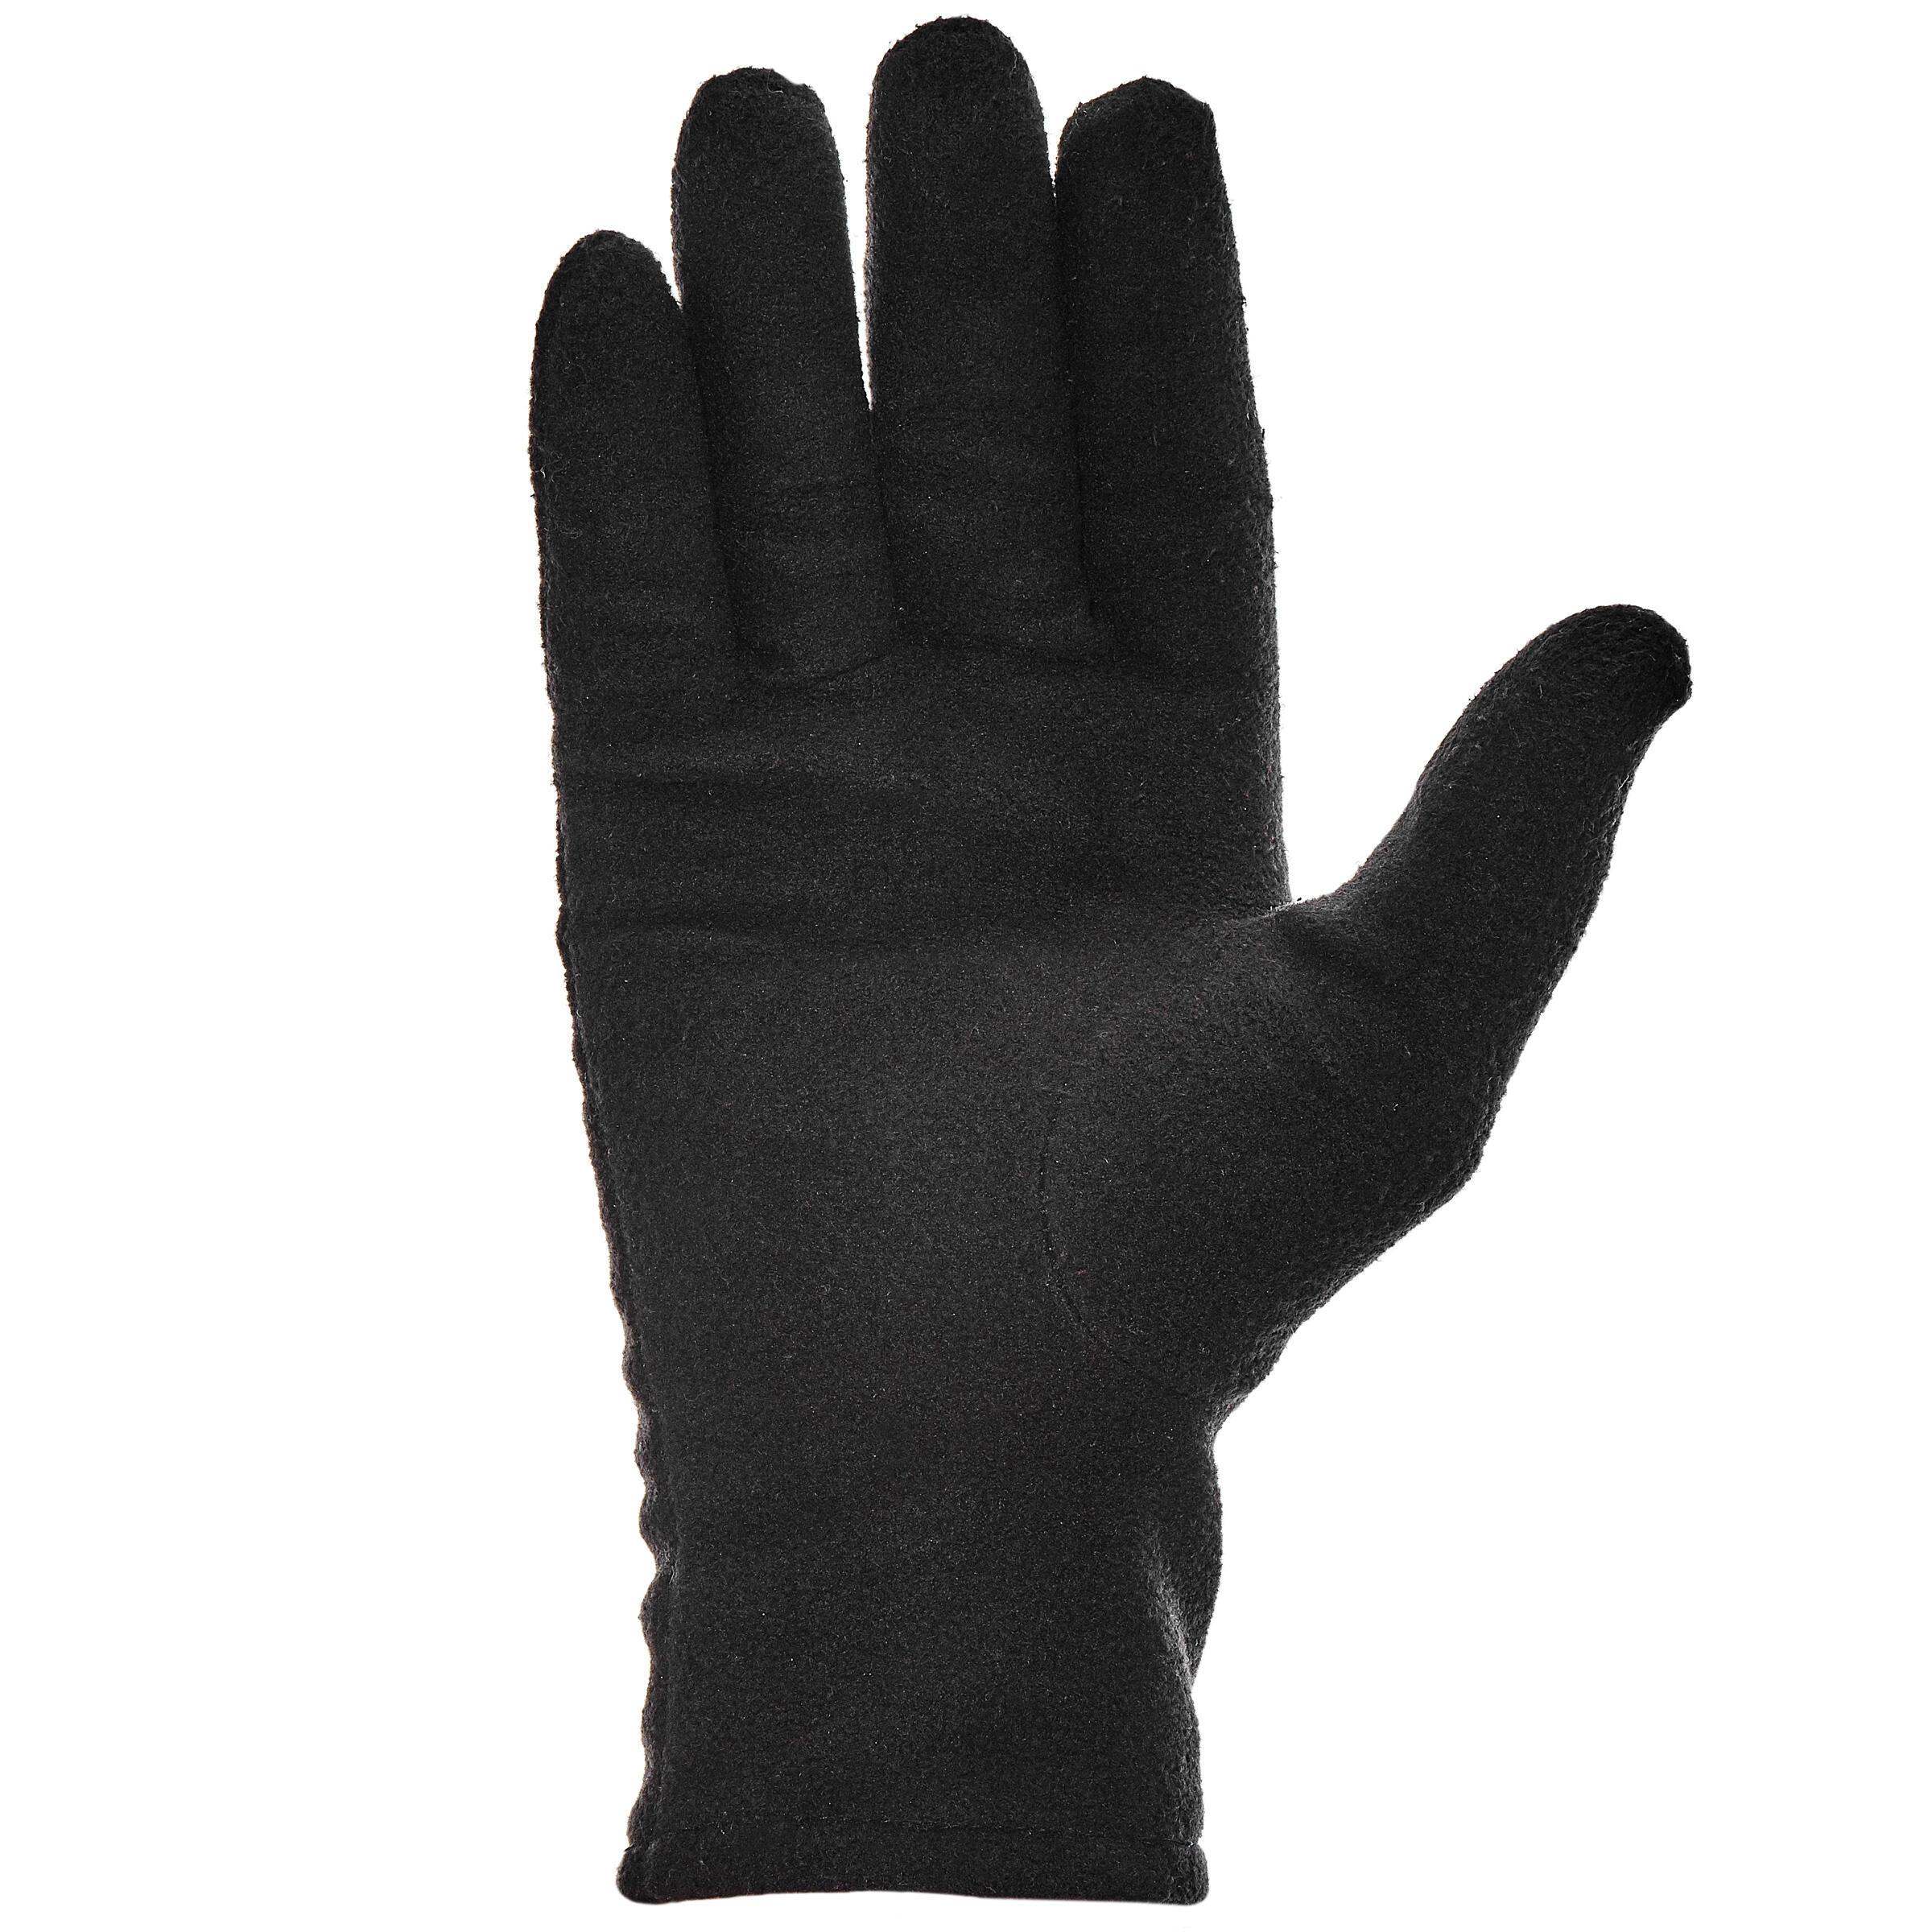 Forclaz 20 Adult Hiking Gloves - Black